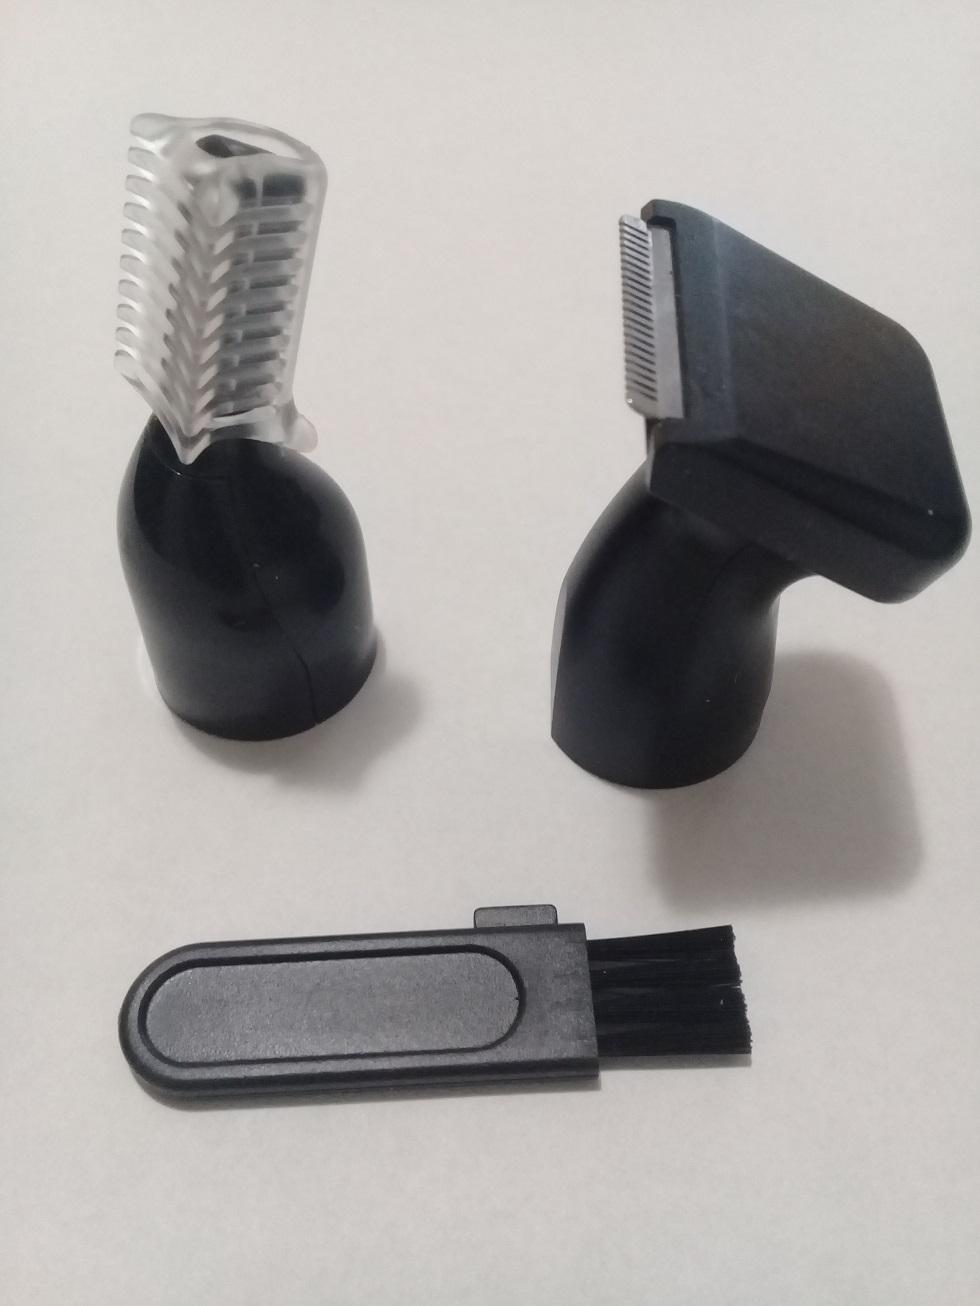 Very practical grooming kit